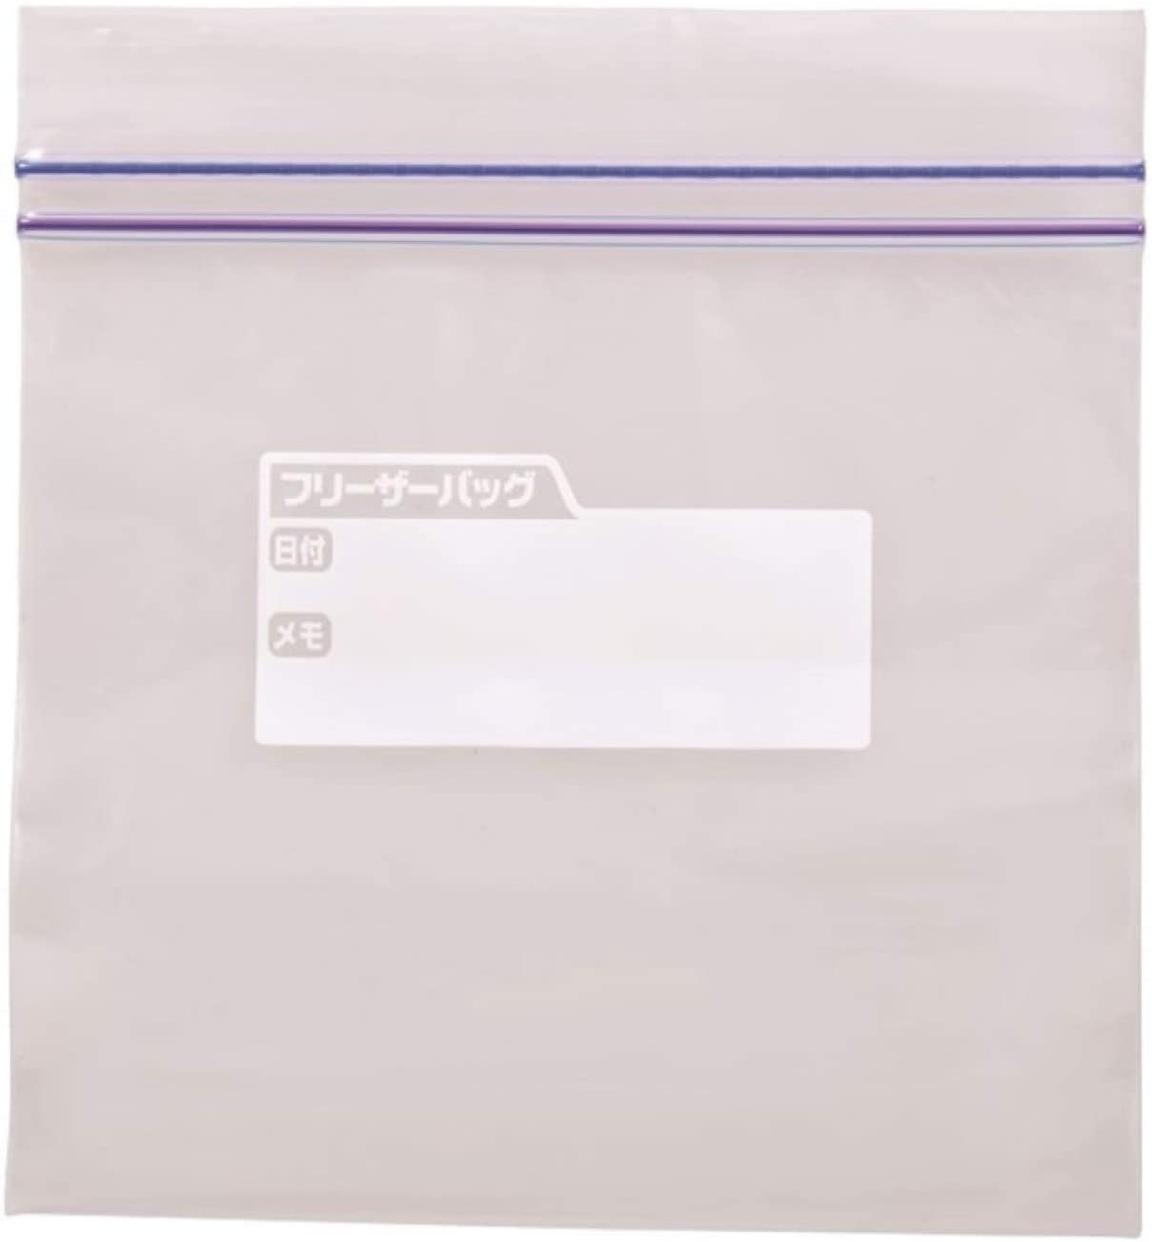 JAPACK'S(ジャパックス) Wジッパーフリーザーバッグ (大)  徳用 WF-13の商品画像6